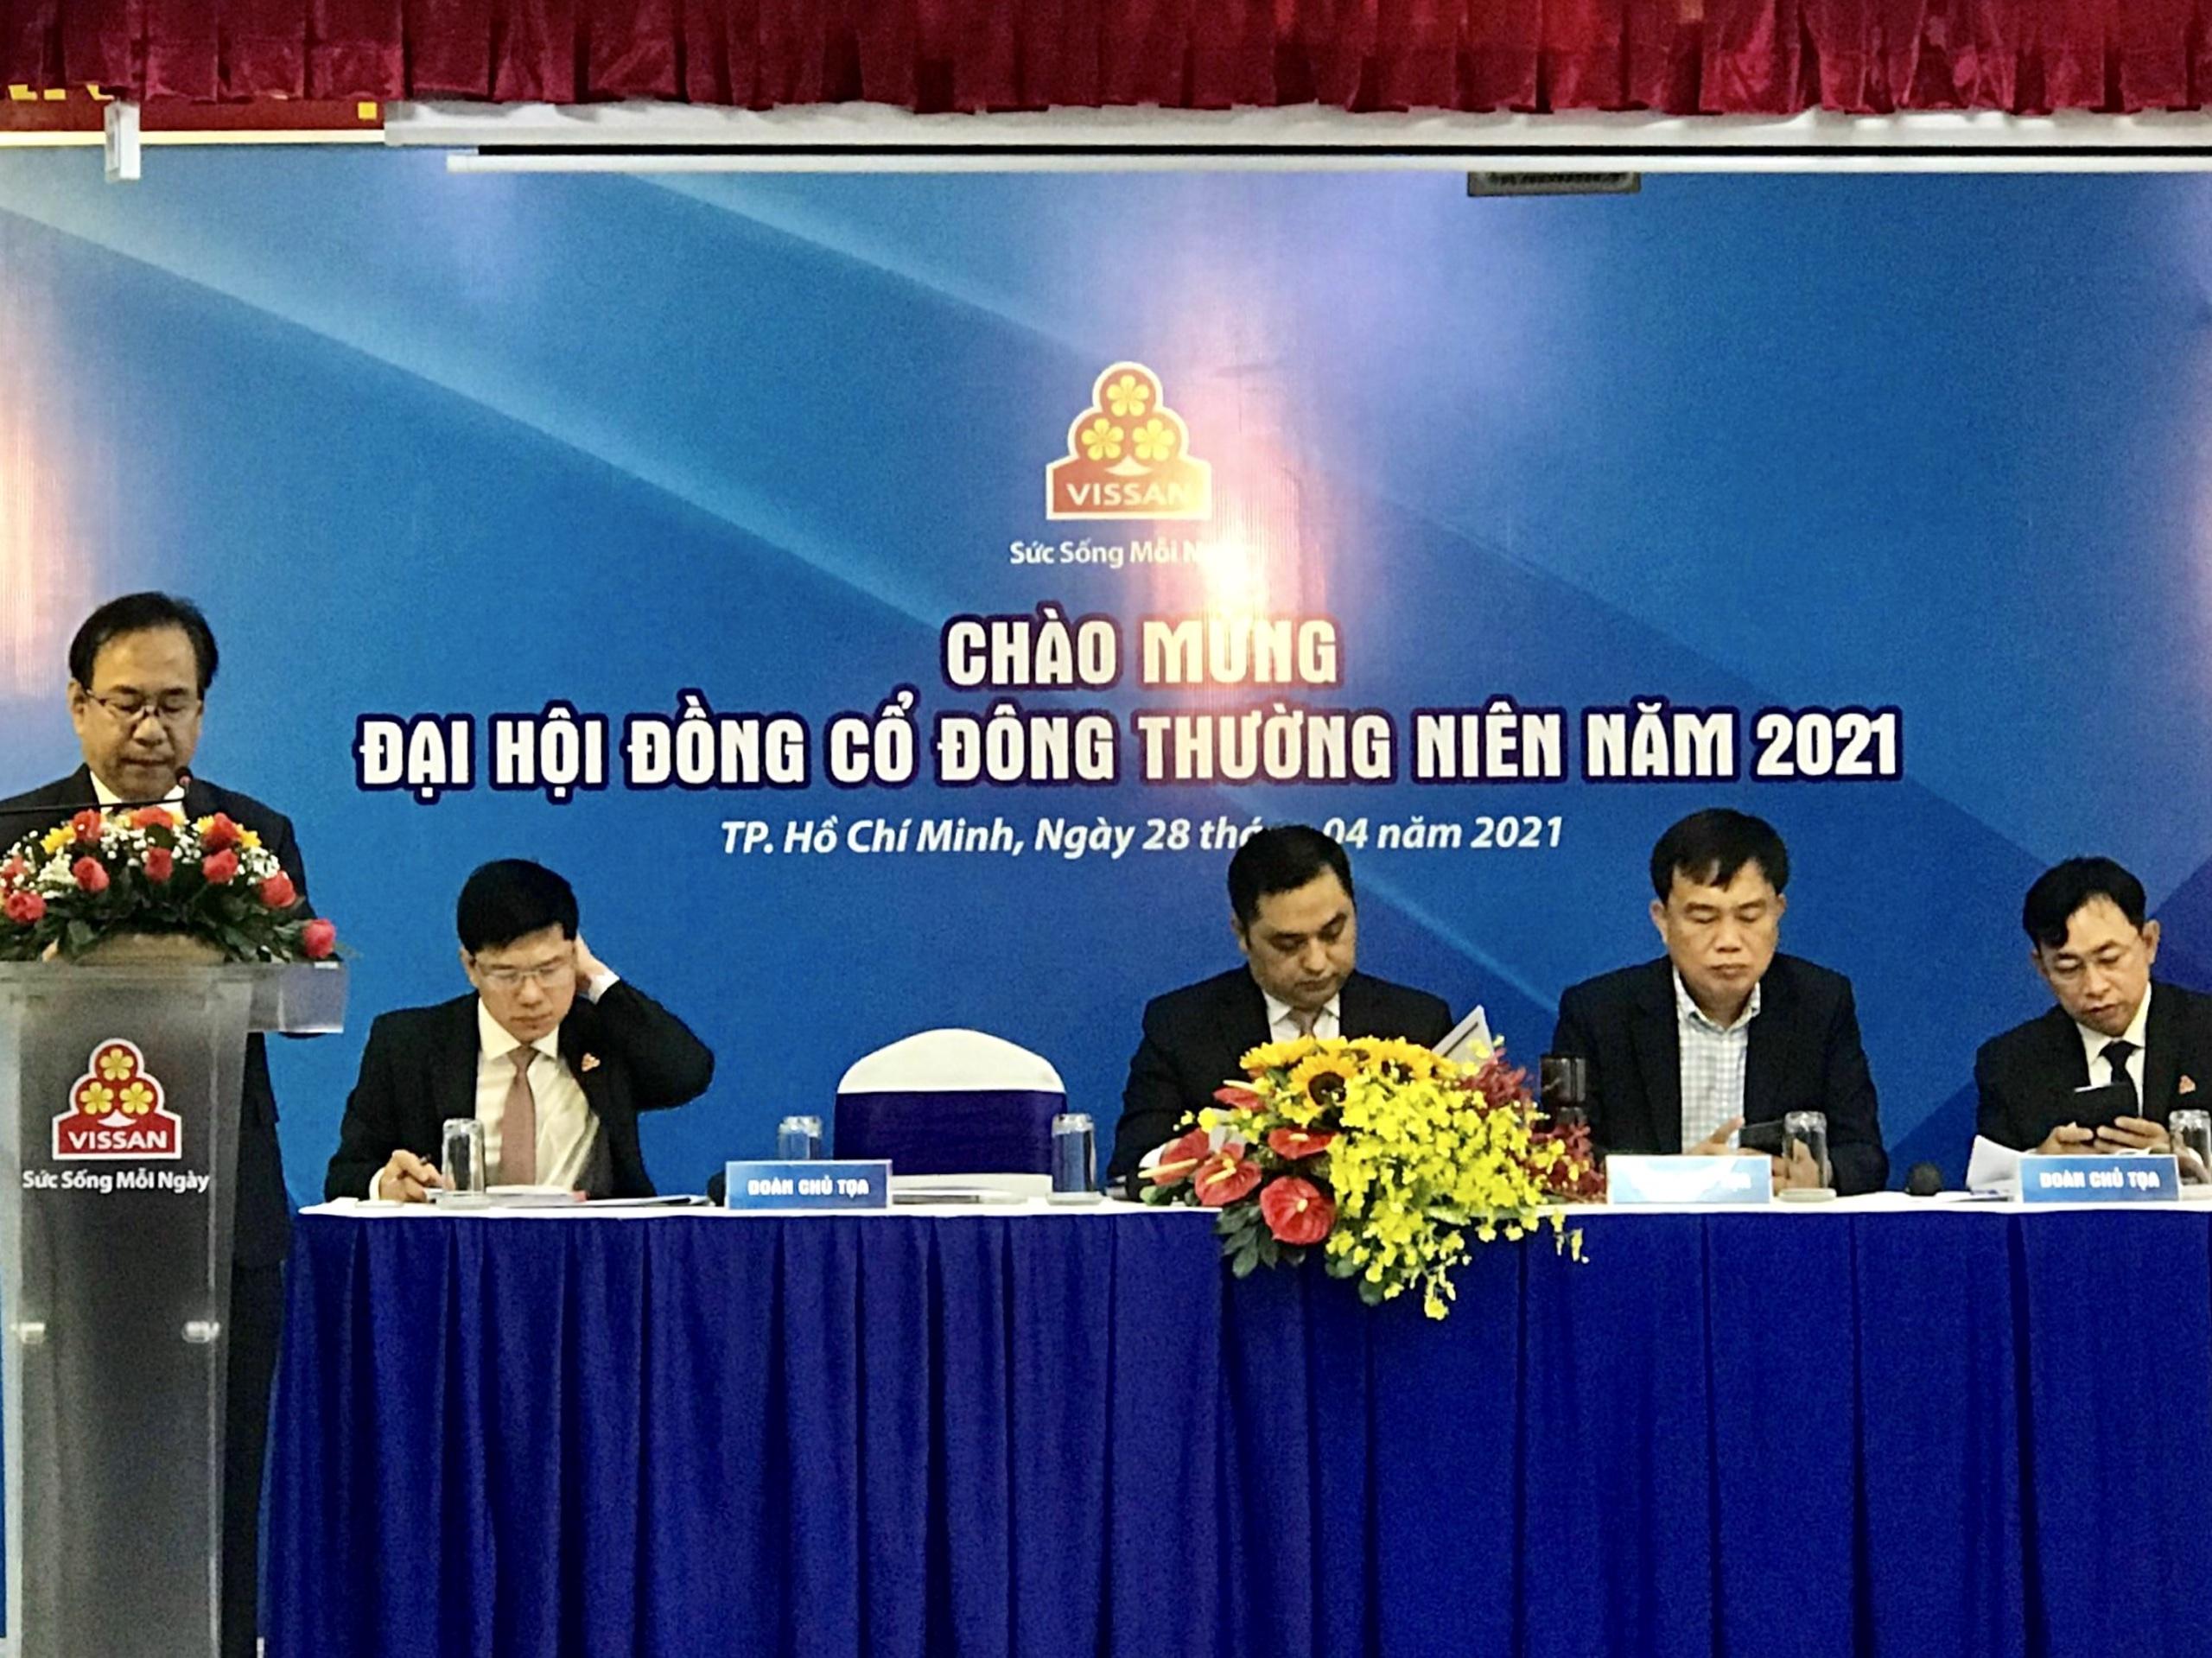 Vissan (VSN): Tiếp tục không chia cổ tức, dự báo năm 2021 khó khăn, kế hoạch lãi chỉ 180 tỷ đồng - Ảnh 1.